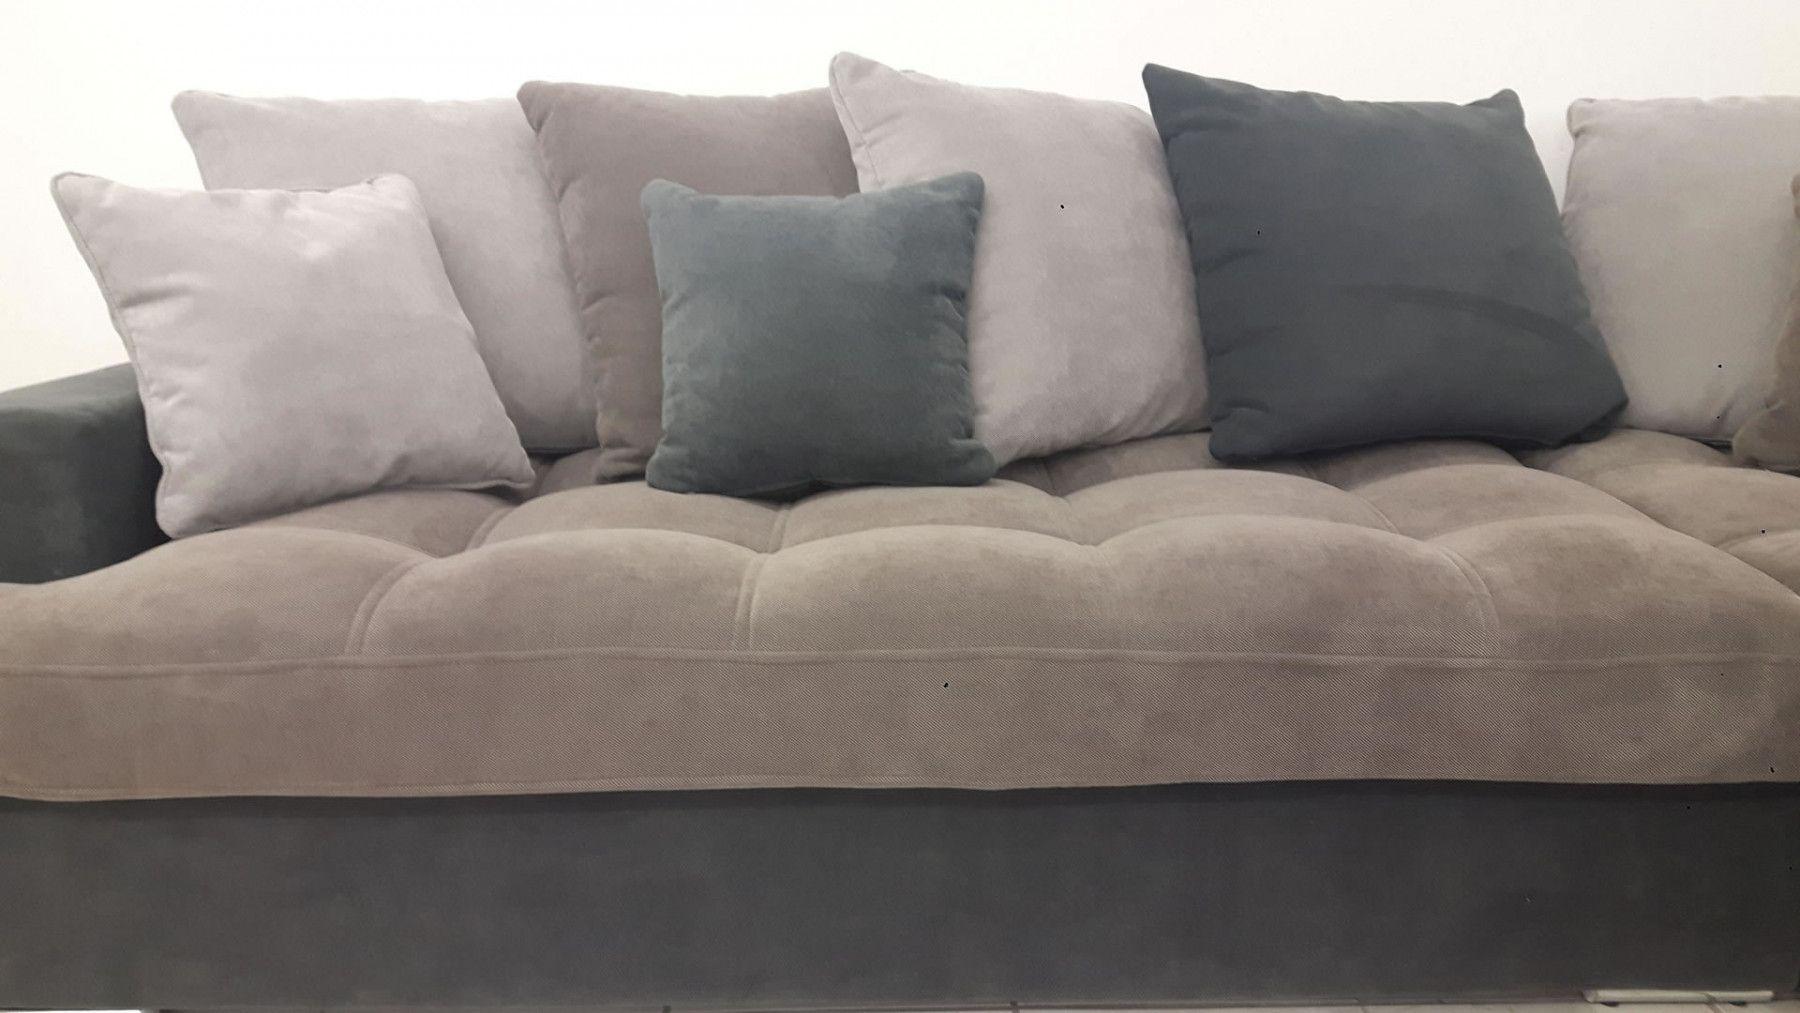 Salon Gris Clair Et Gris Fonce : Canapé d angle droit linda gris clair et foncé